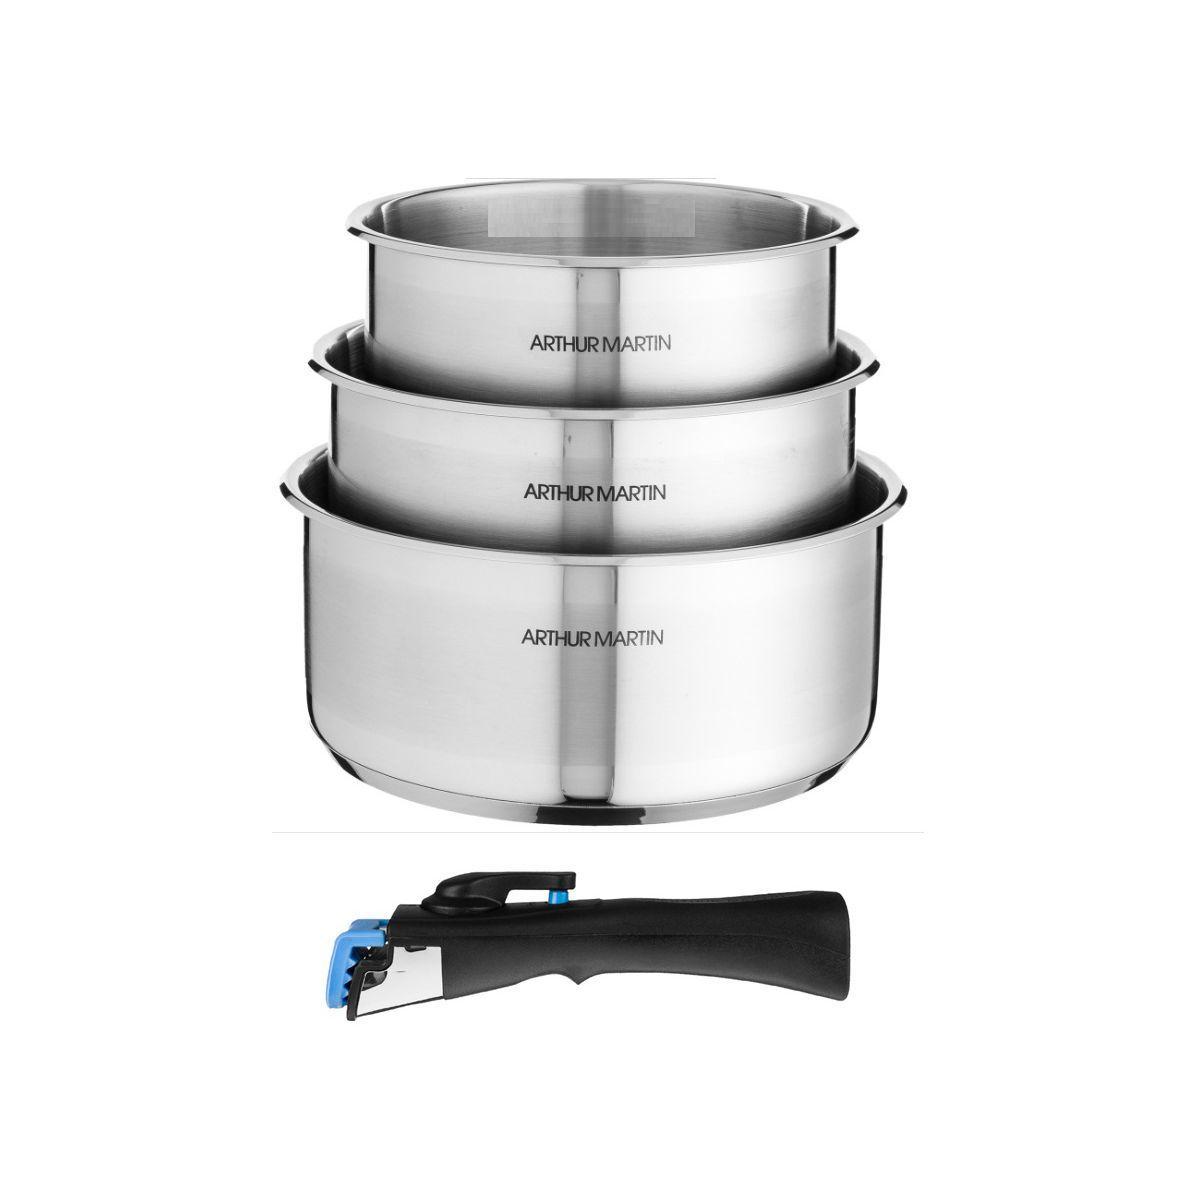 Batterie de cuisine arthur martin 3 casseroles 16/18/20cm + poign�e - 5531 - 2% de remise imm�diate avec le code : fete2 (photo)